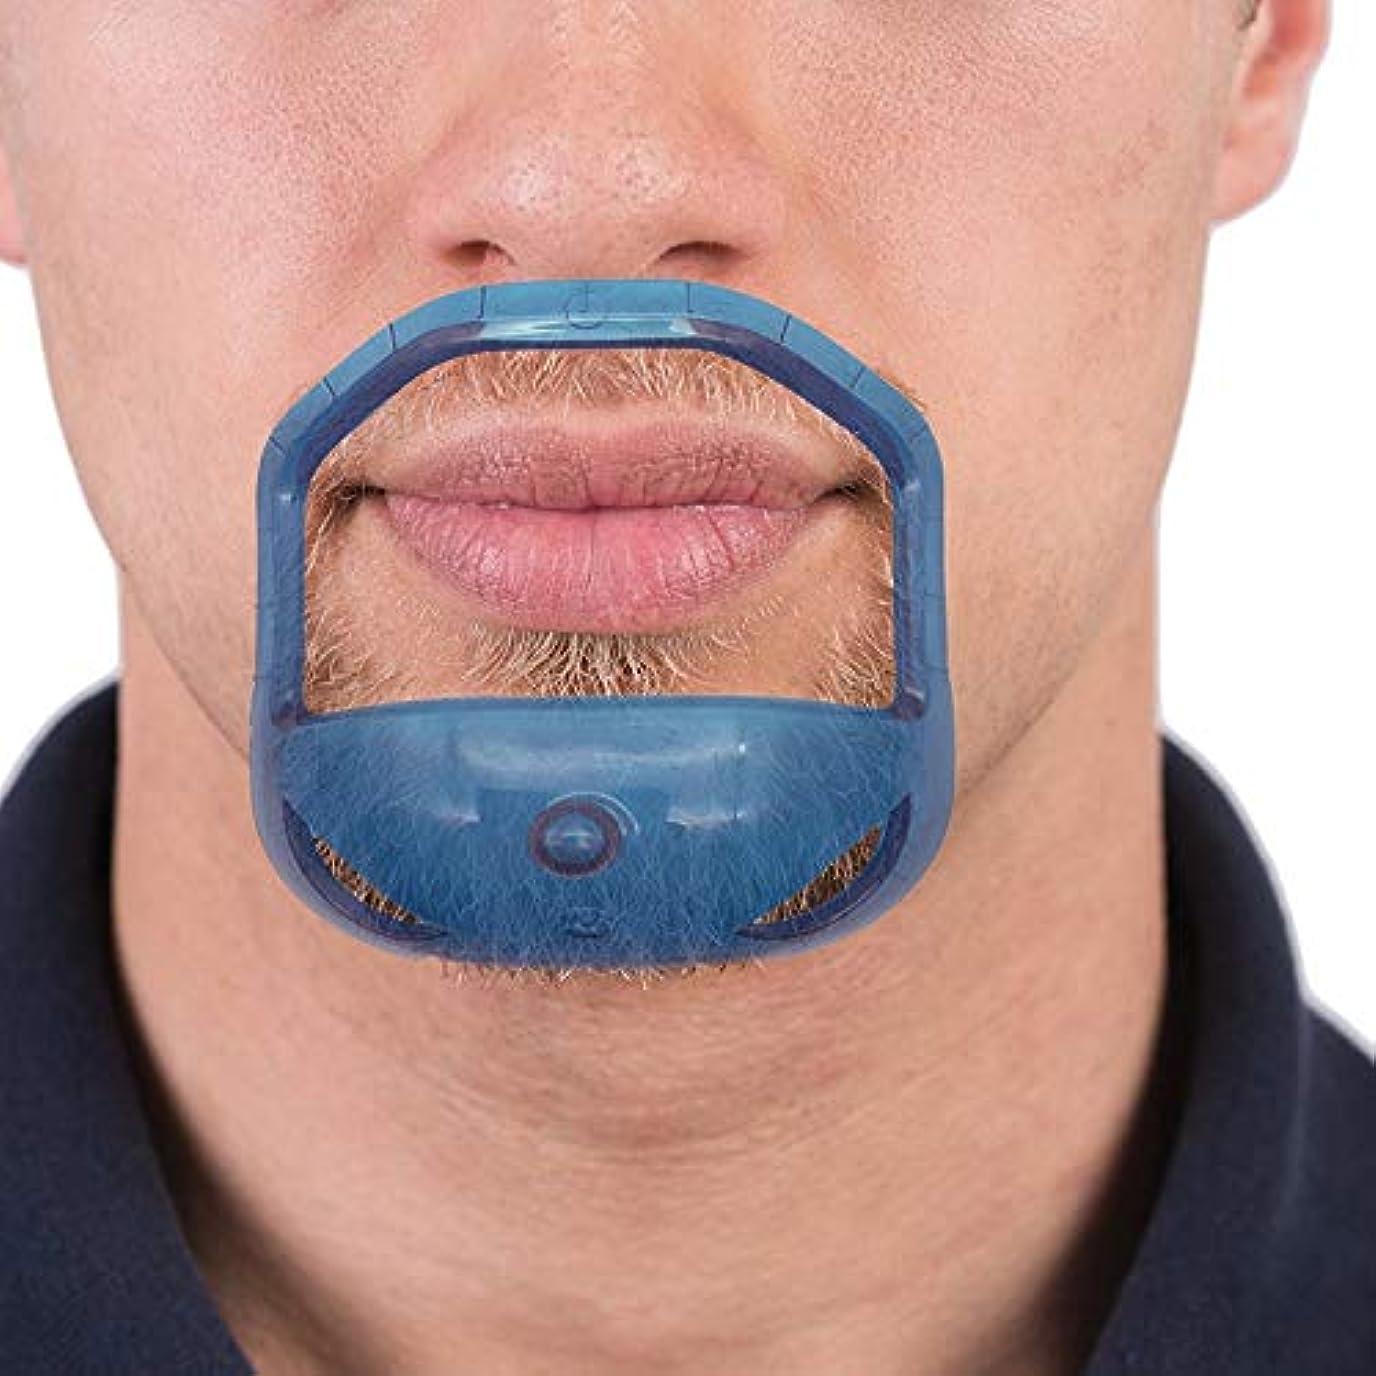 恩赦心のこもった年金CUHAWUDBA 5ピース/セット 対称カットあごひげ ネックライン口ひげ グルーミングひげスタイリングケアひげシェーピングシェービングツール - クリアブルー